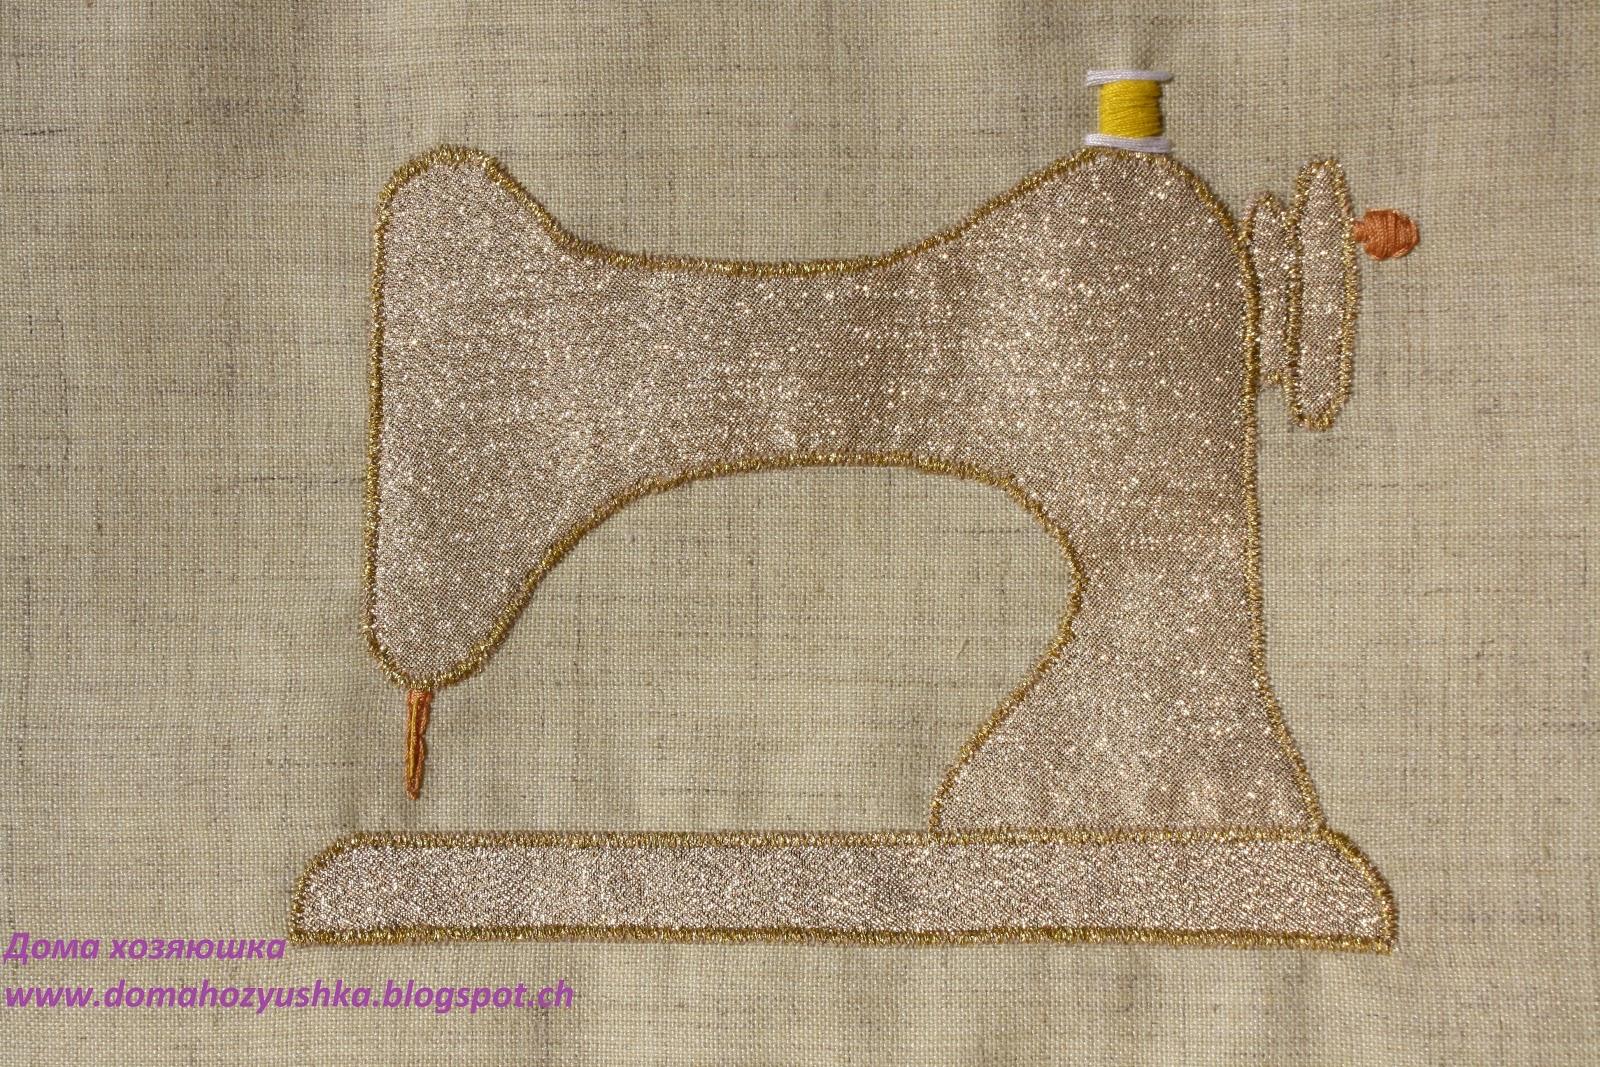 Игрушки из ткани своими руками для украшения дома 96